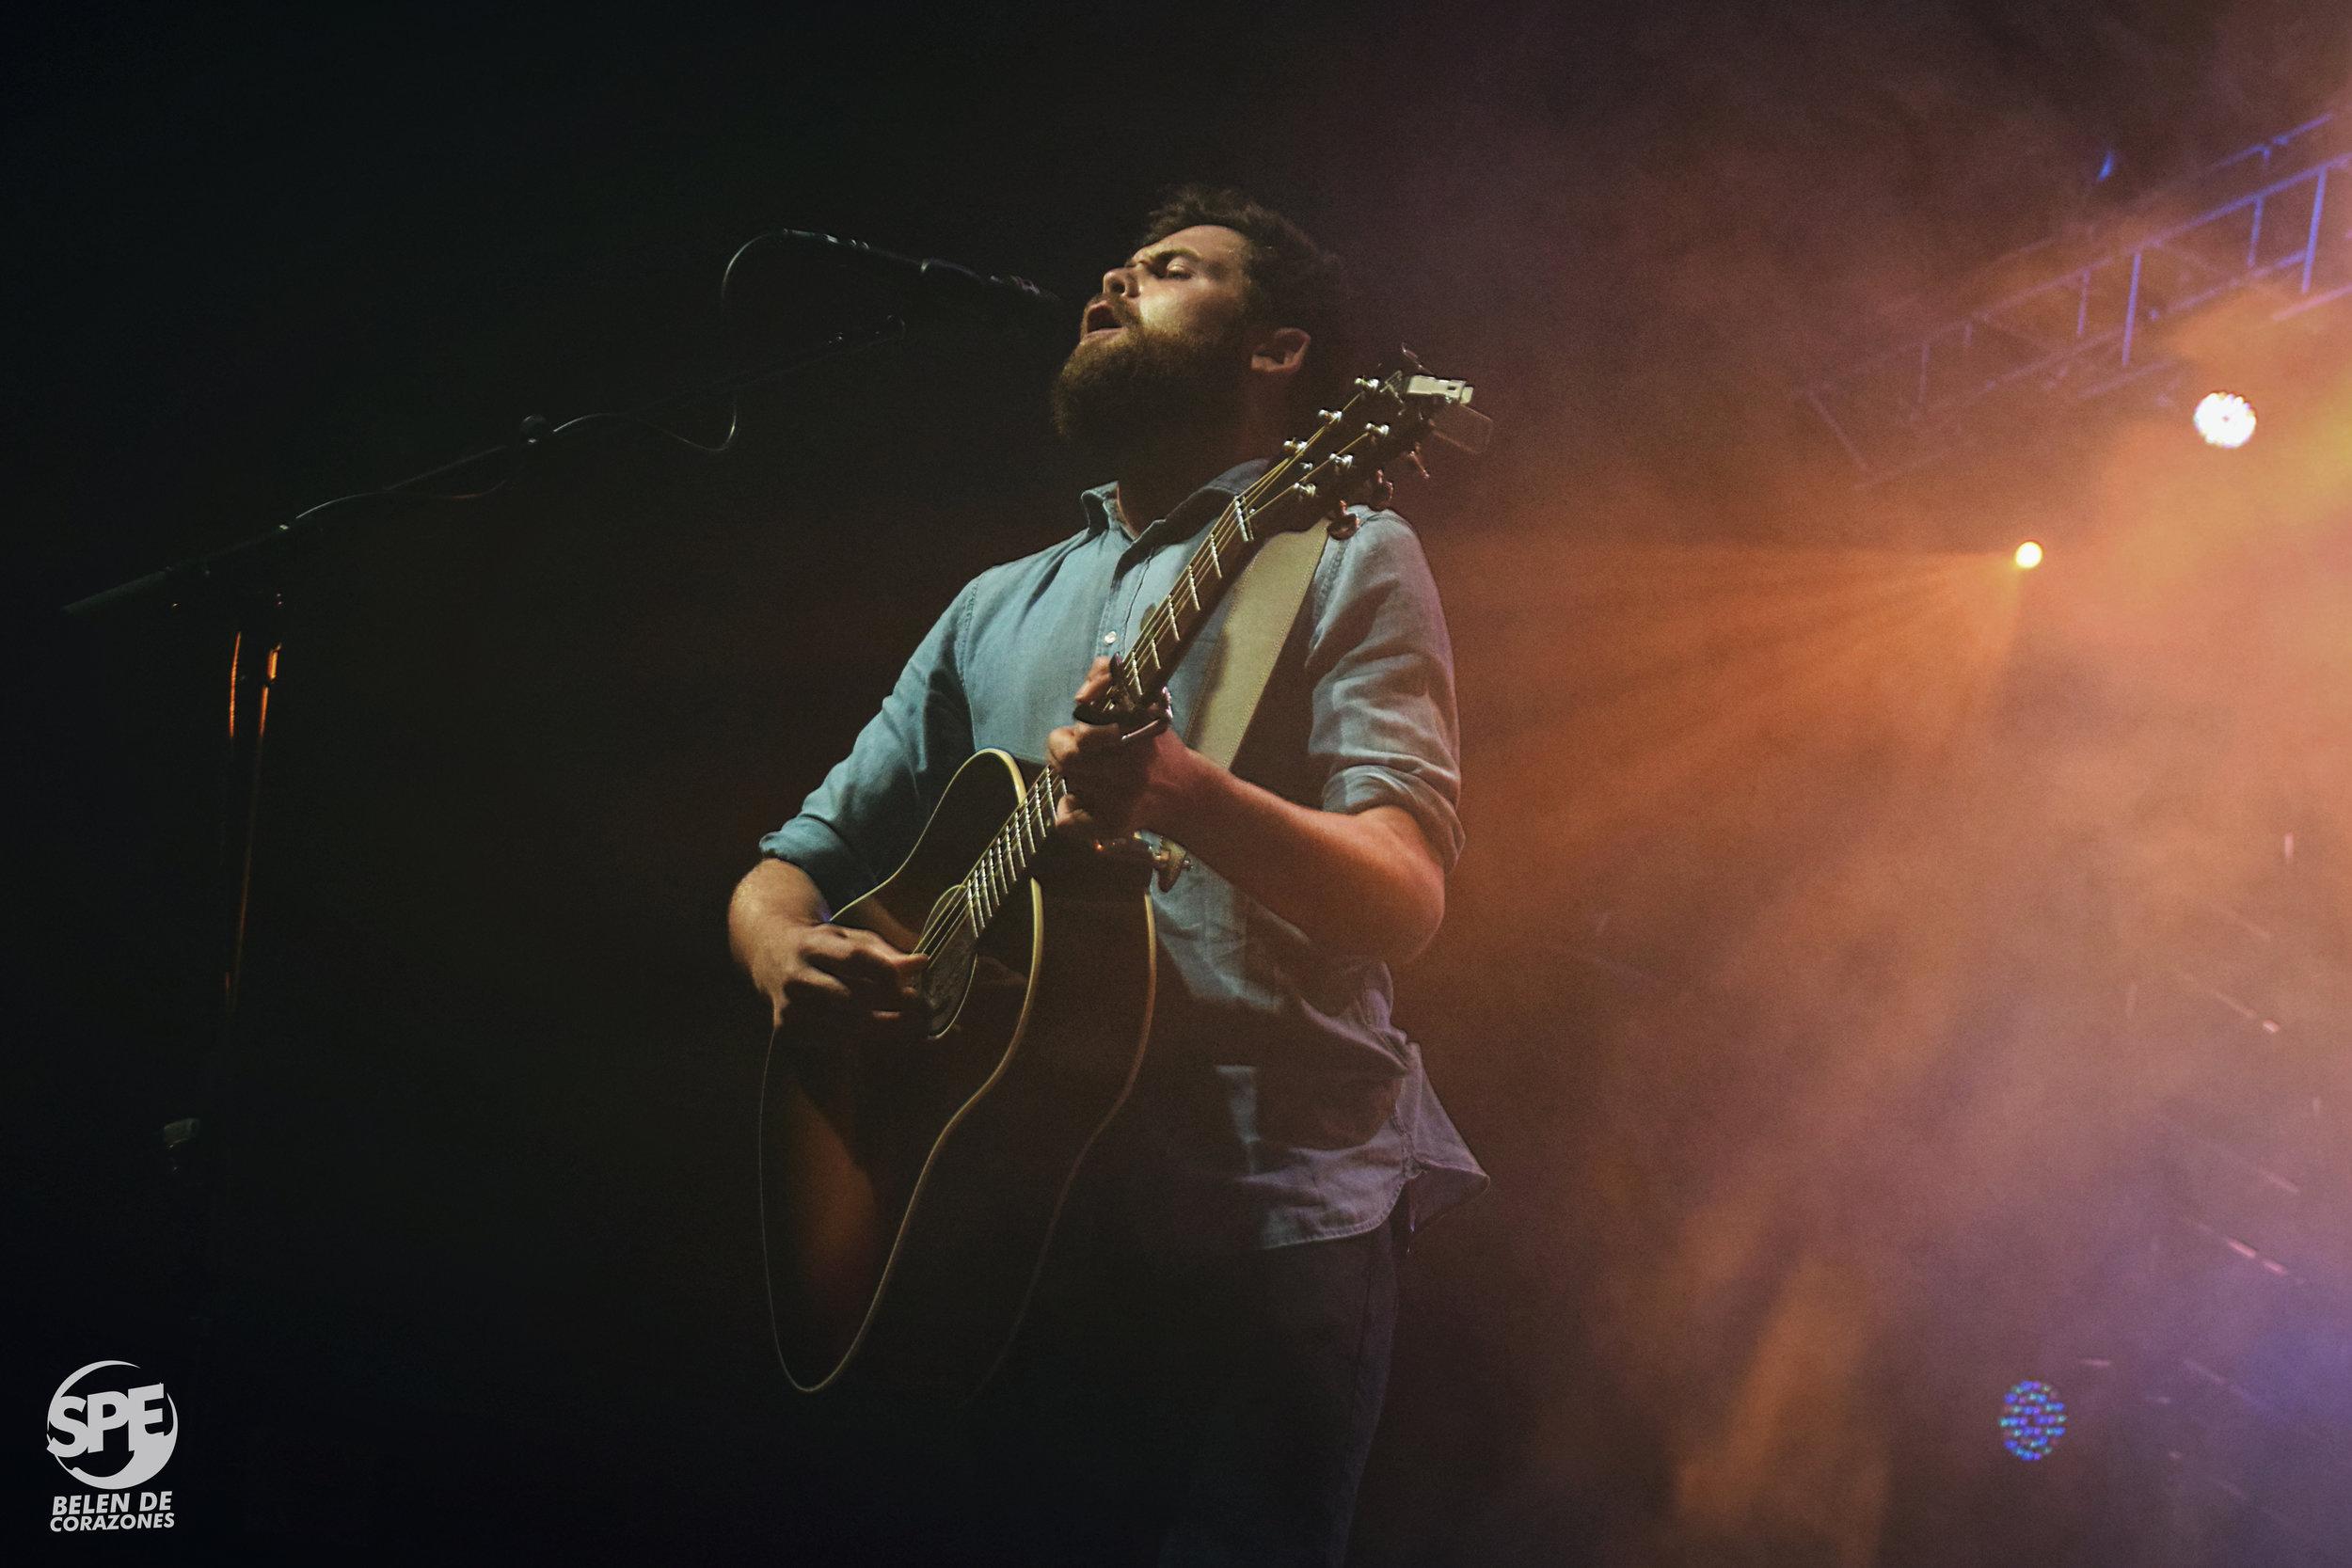 PASSENGER - 07.03.2019 @ TEATRO VORTERIXTras visitar Argentina acompañando a Ed Sheeran, Passenger retornó una semana después´para brindar su propio show en el Vorterix, con un público que cantó como si no hubiese un mañana. Como dijo el mismo artista, 1500 personas se sintieron como 15000.